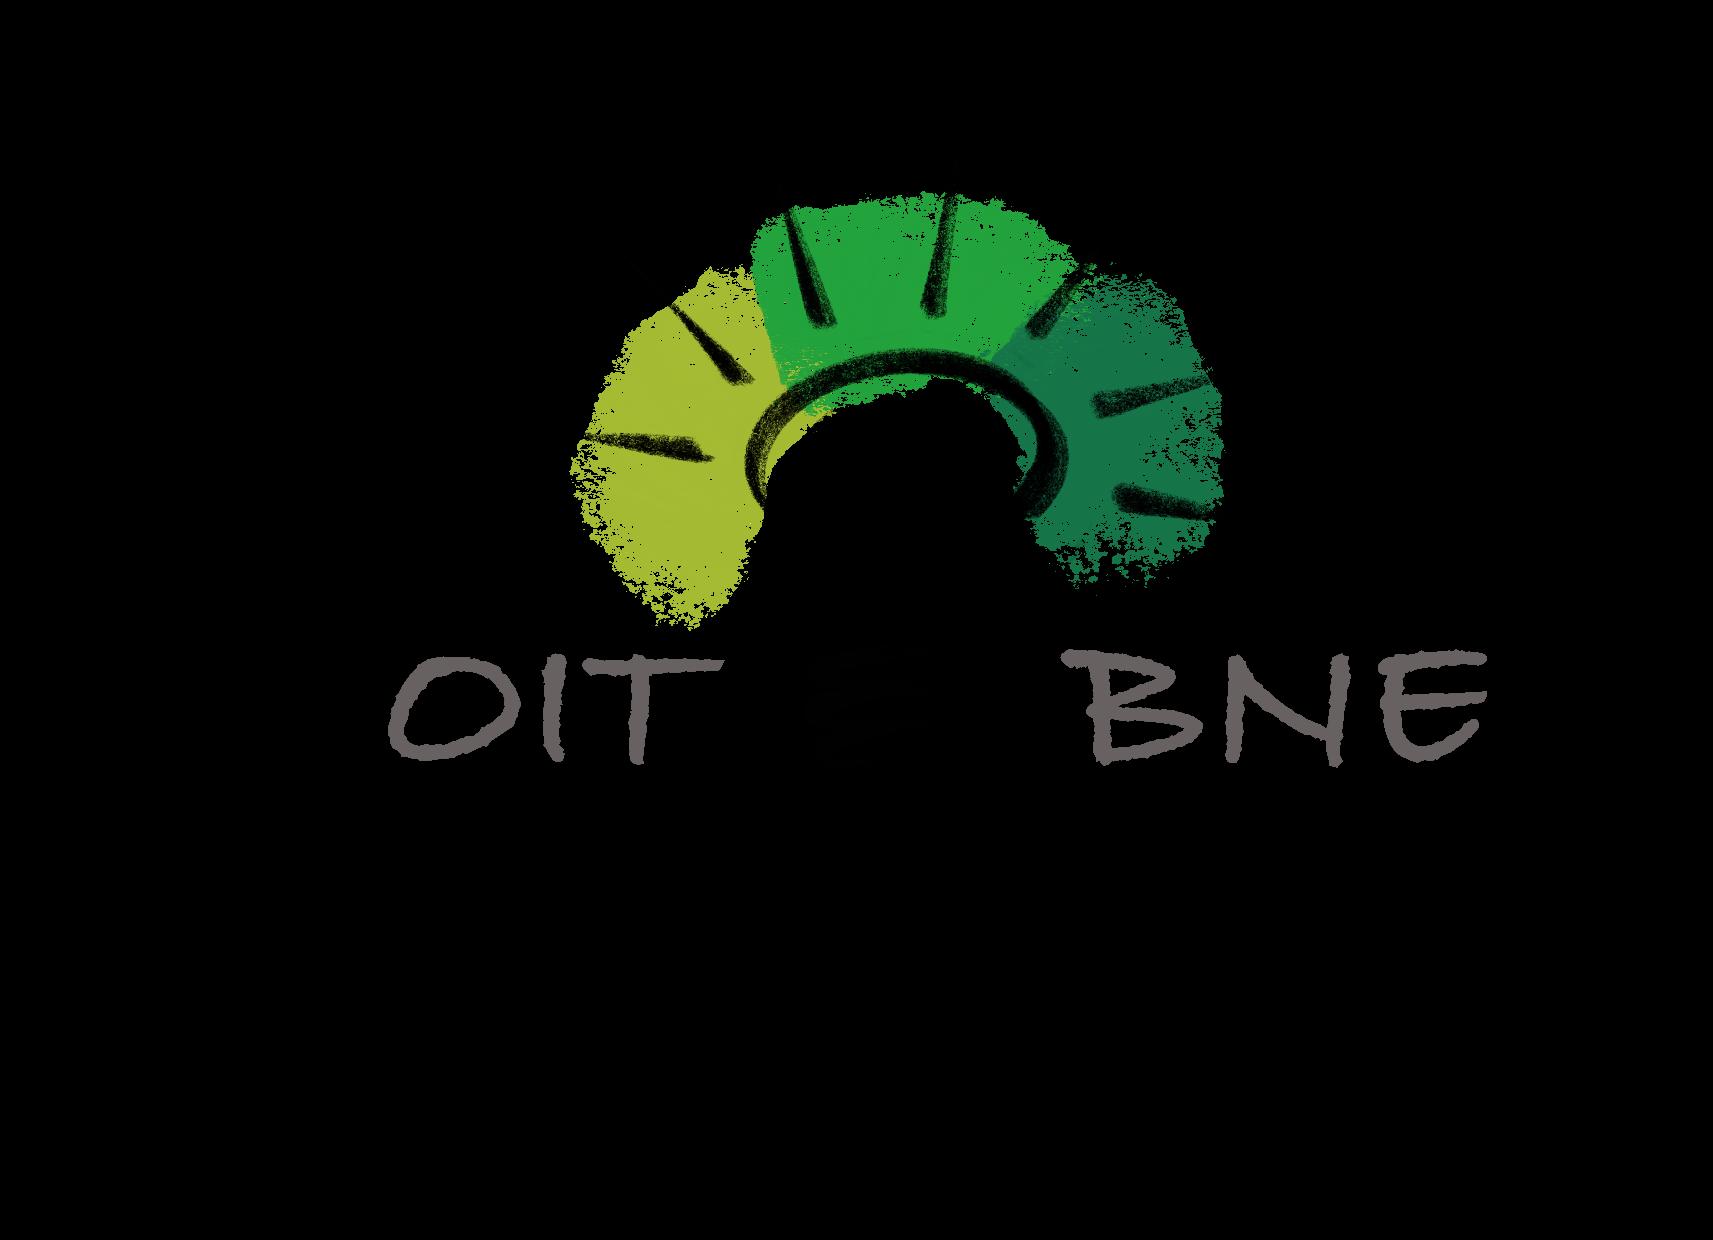 OIT-BNE Logo